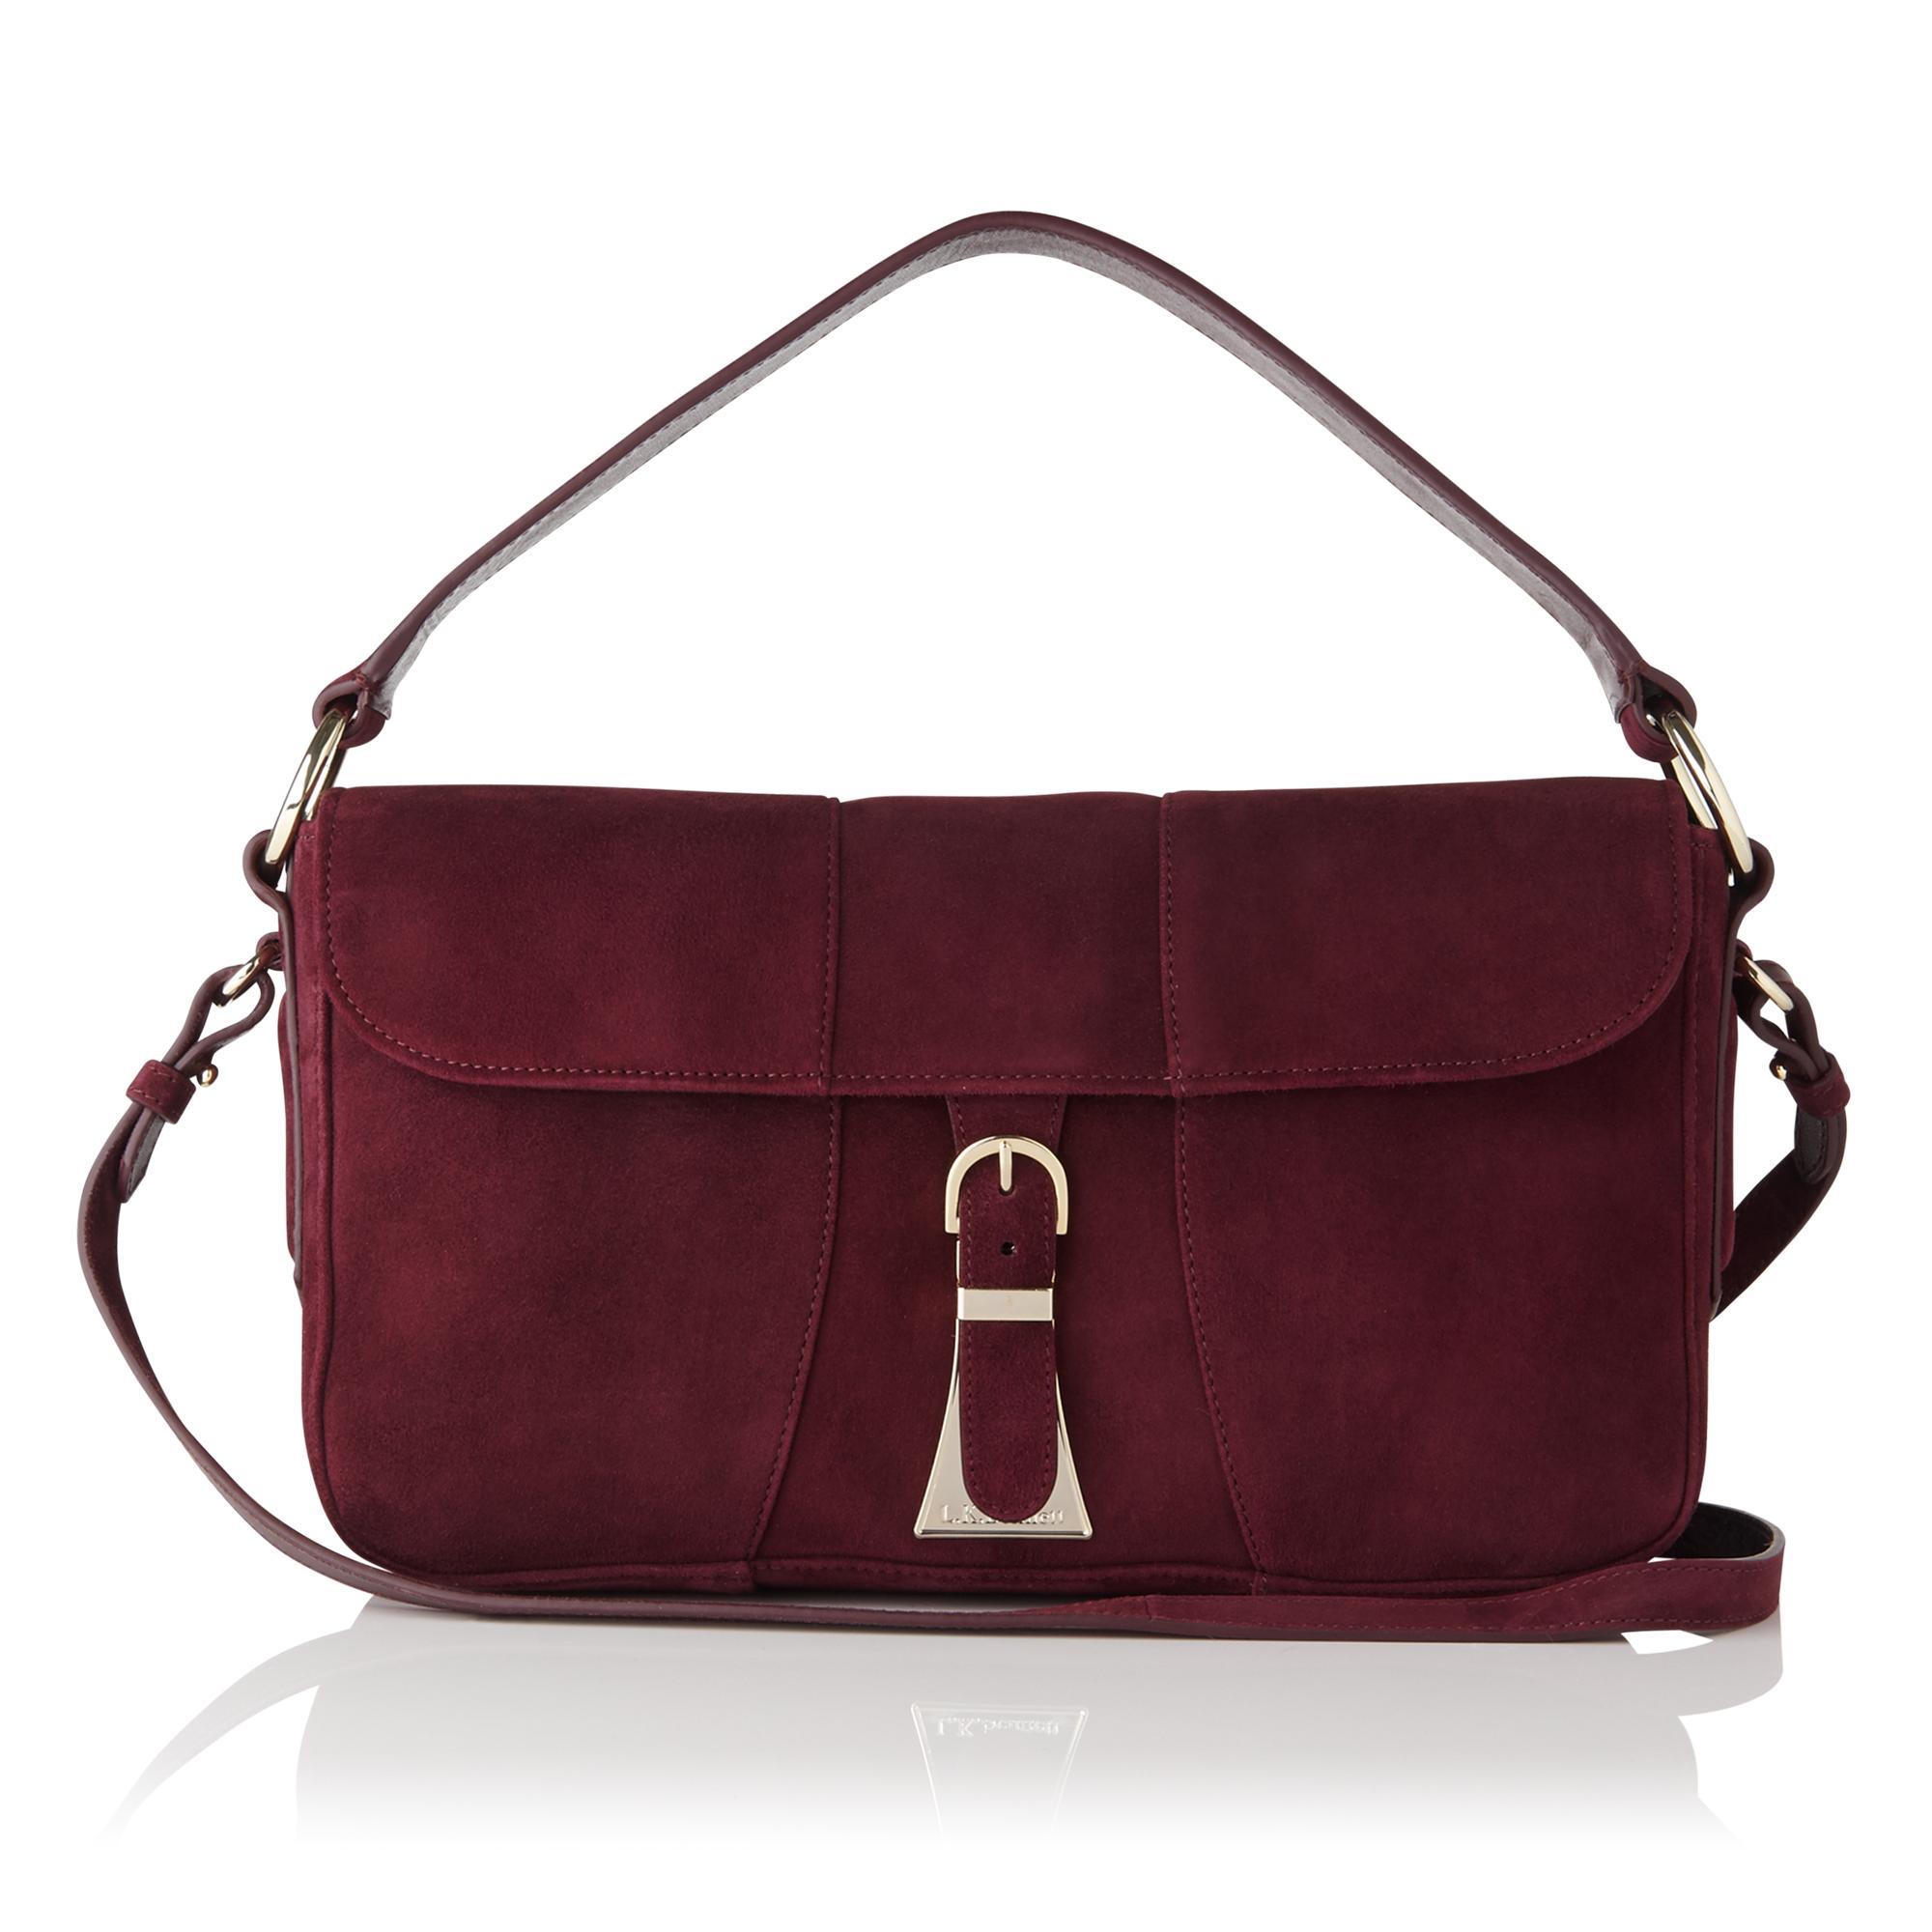 Scarlett Oxblood Red Shoulder Bag